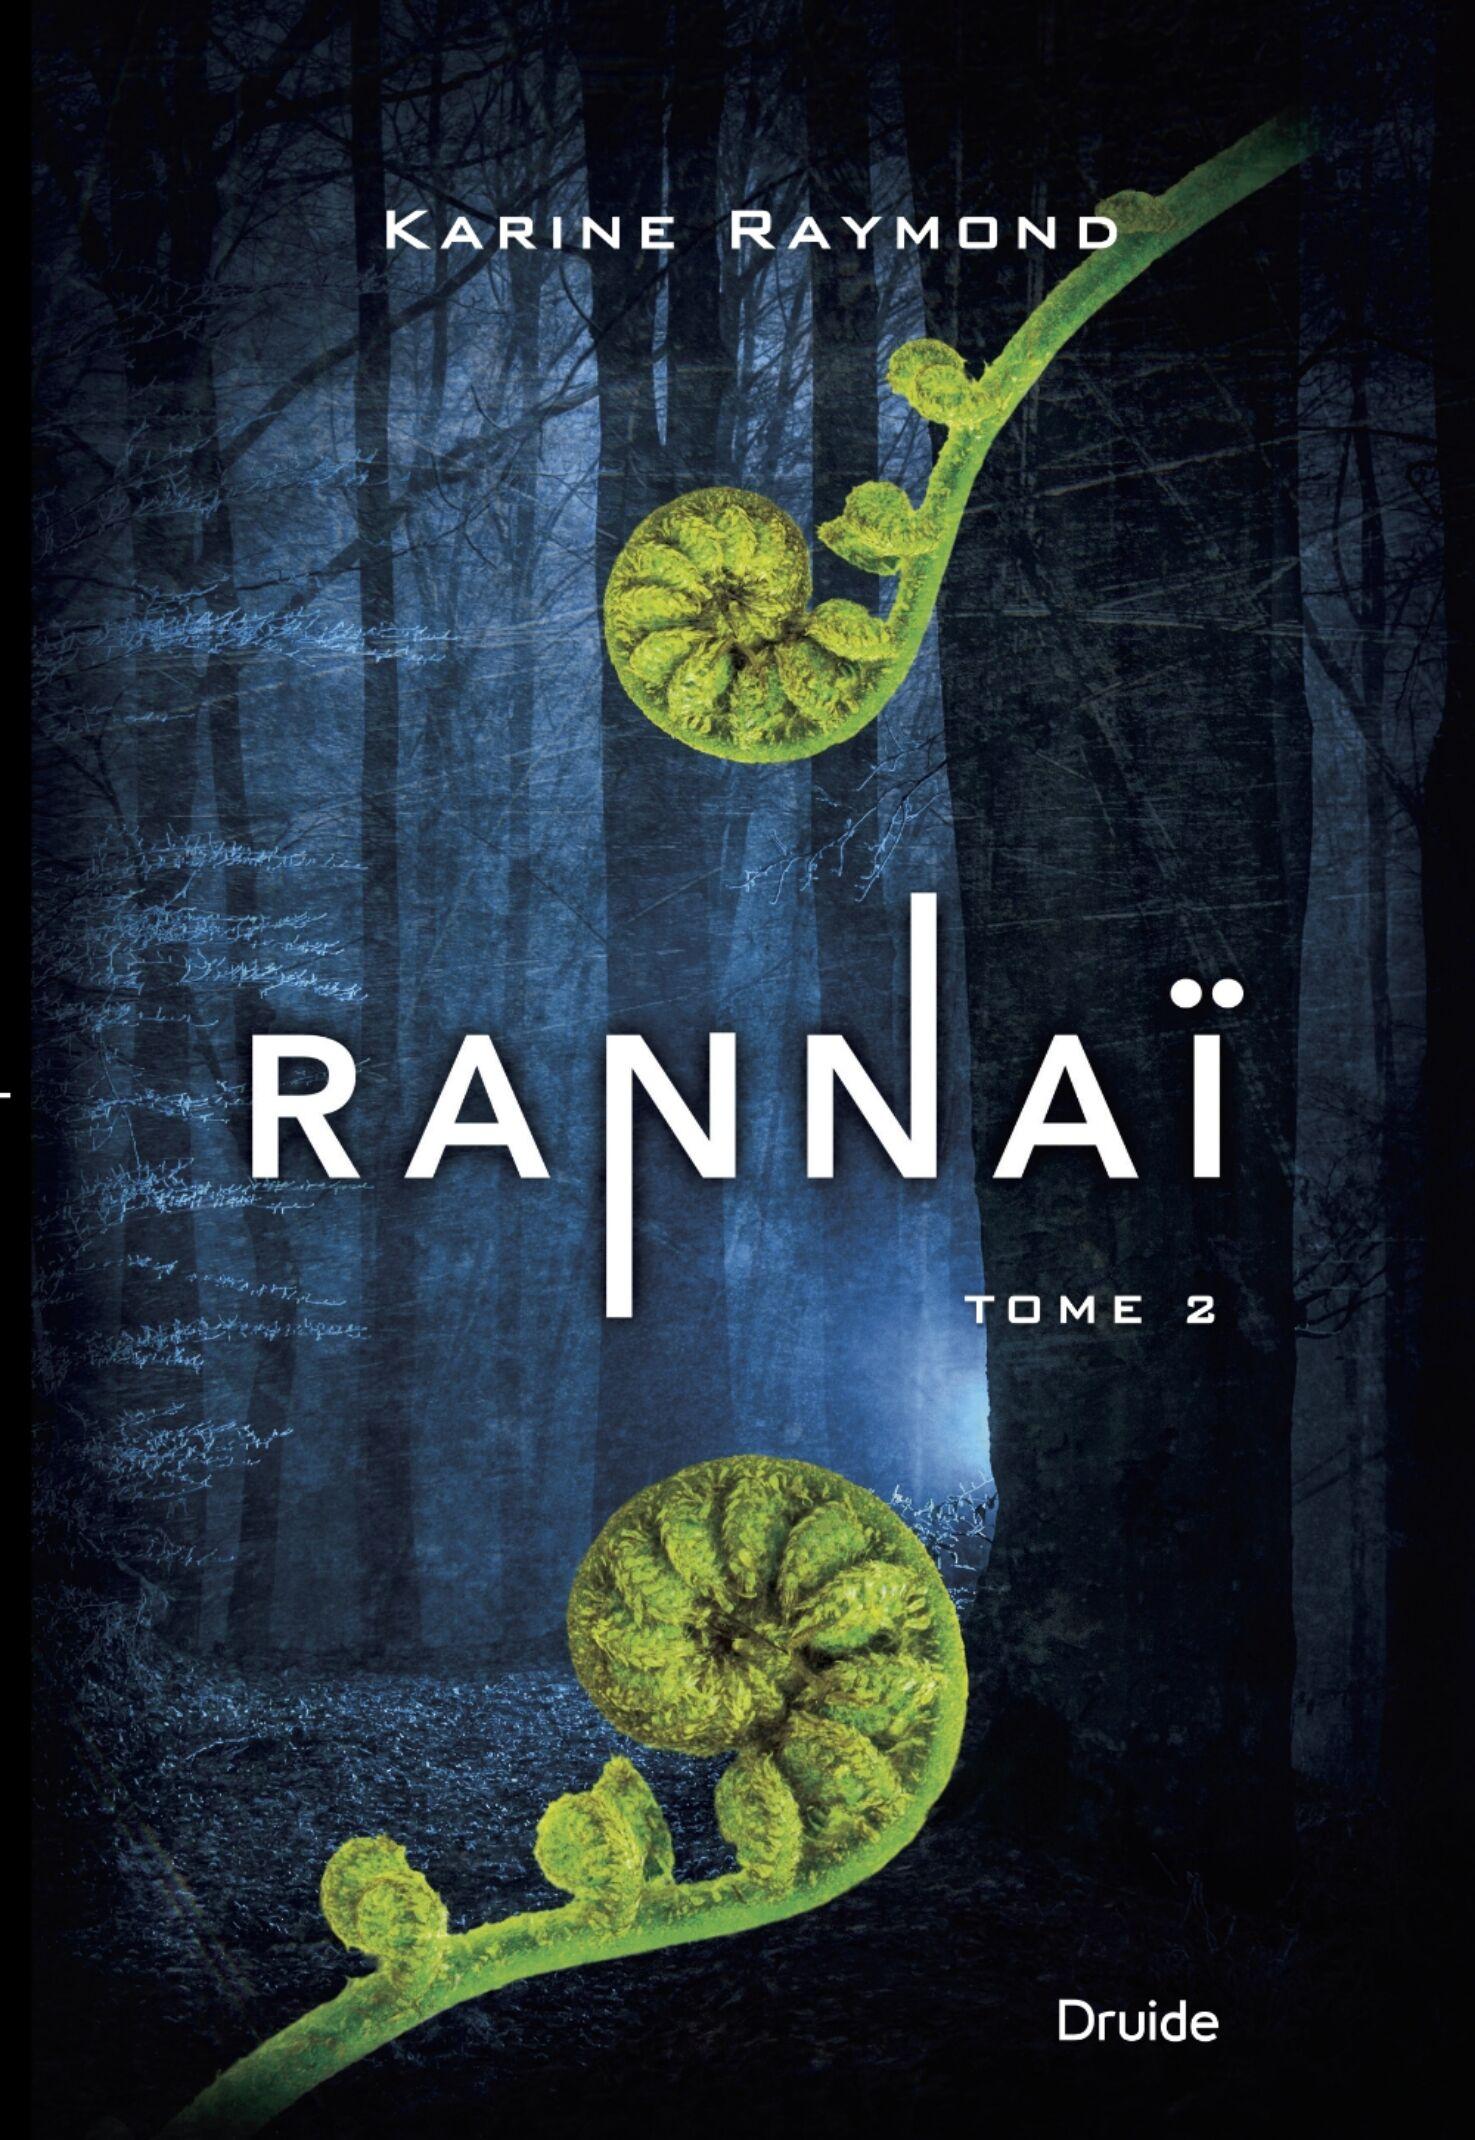 Karine Raymond/Rannai tome 2